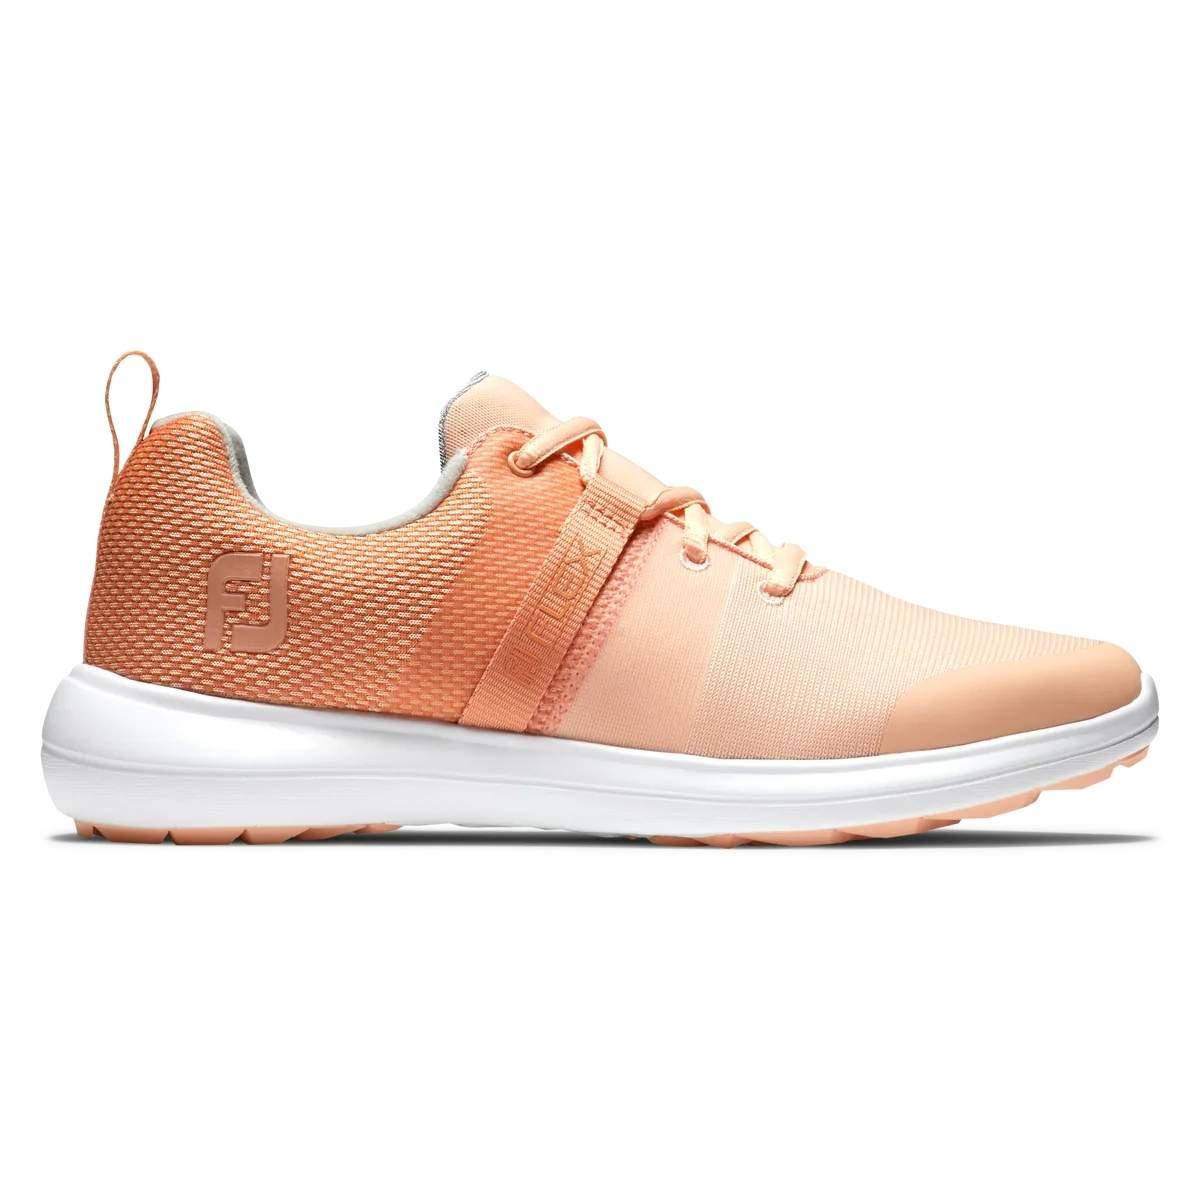 FootJoy Women's Flex Golf Shoe - Orange 95757